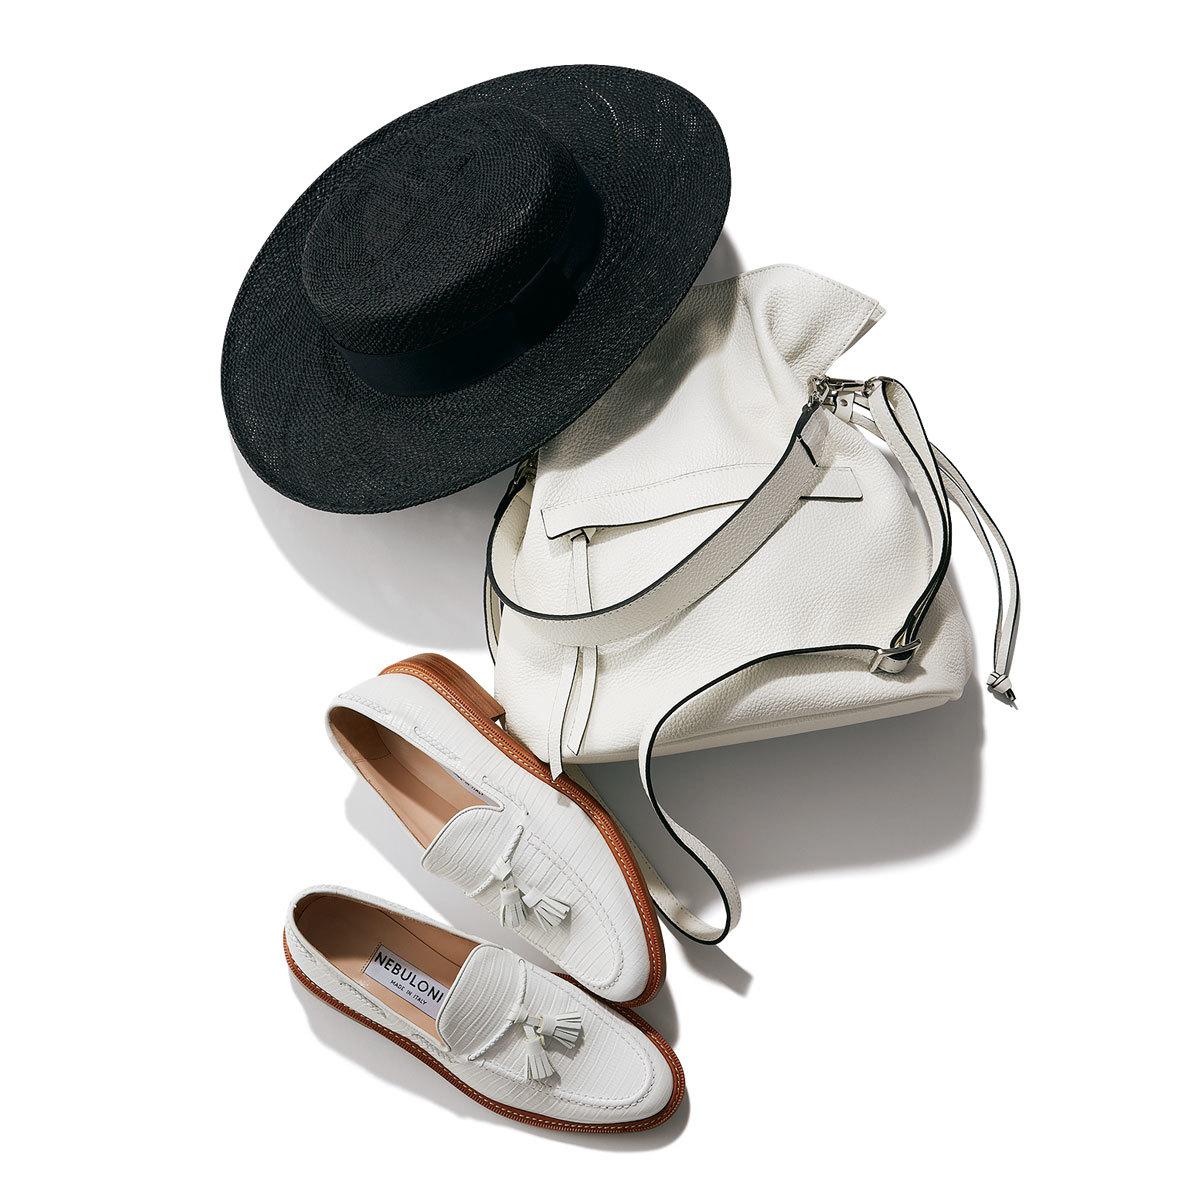 帽子¥20,900/タア トウキョウ(タア) バッグ¥35,200/ANAYI 靴¥68,200/フラッパーズ(ネブローニ)